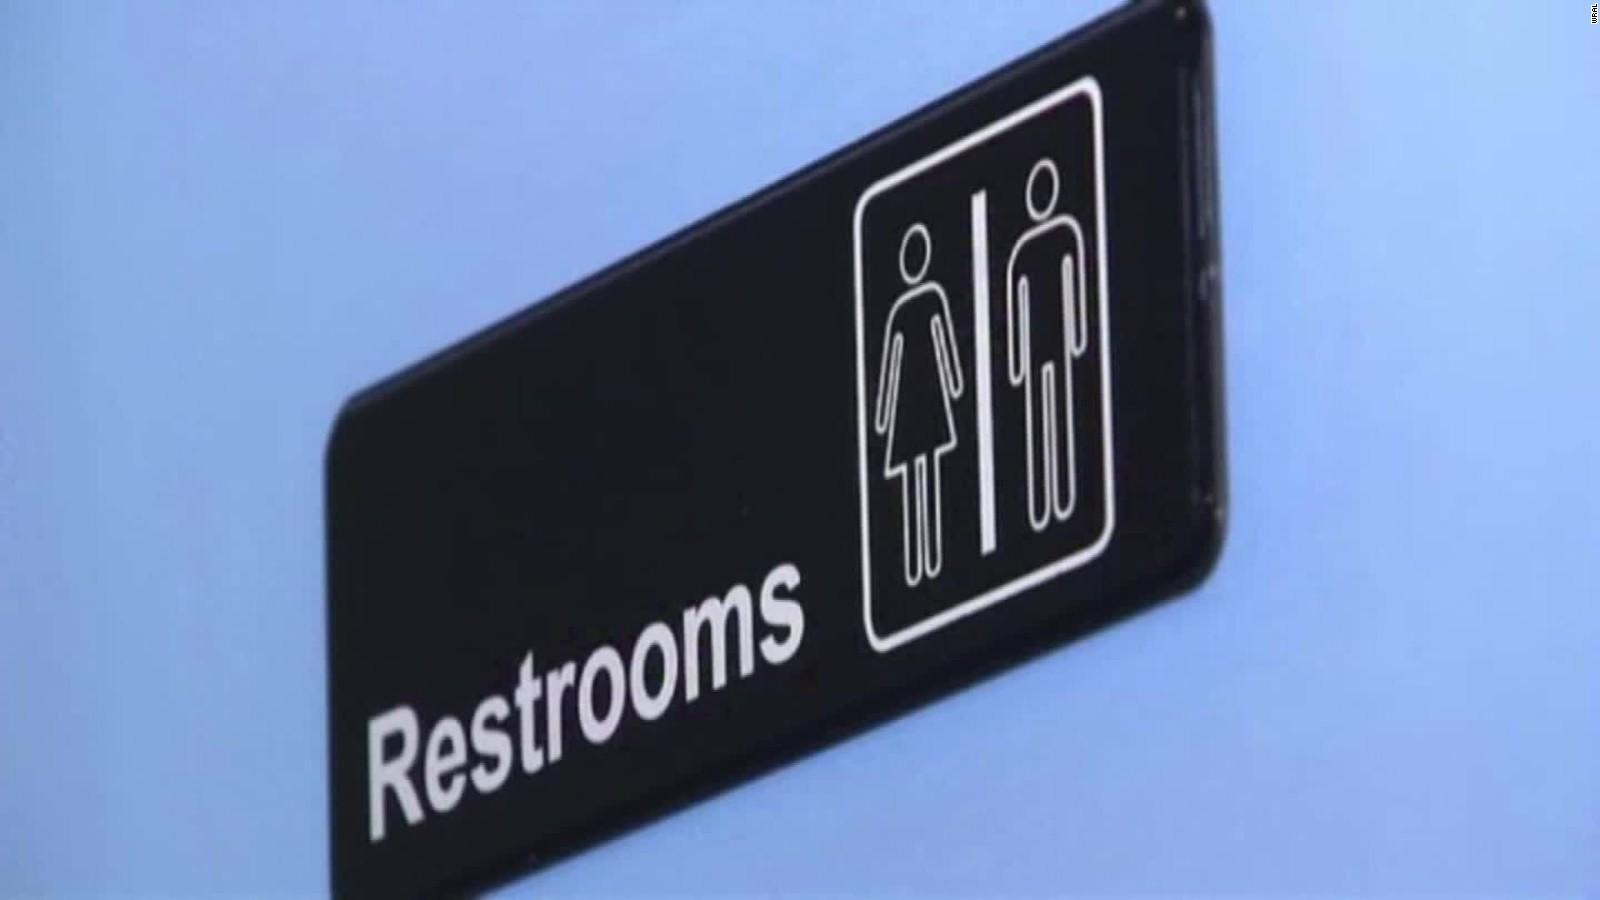 Bathroom Bill north carolina 'bathroom bill' repealed - cnnpolitics